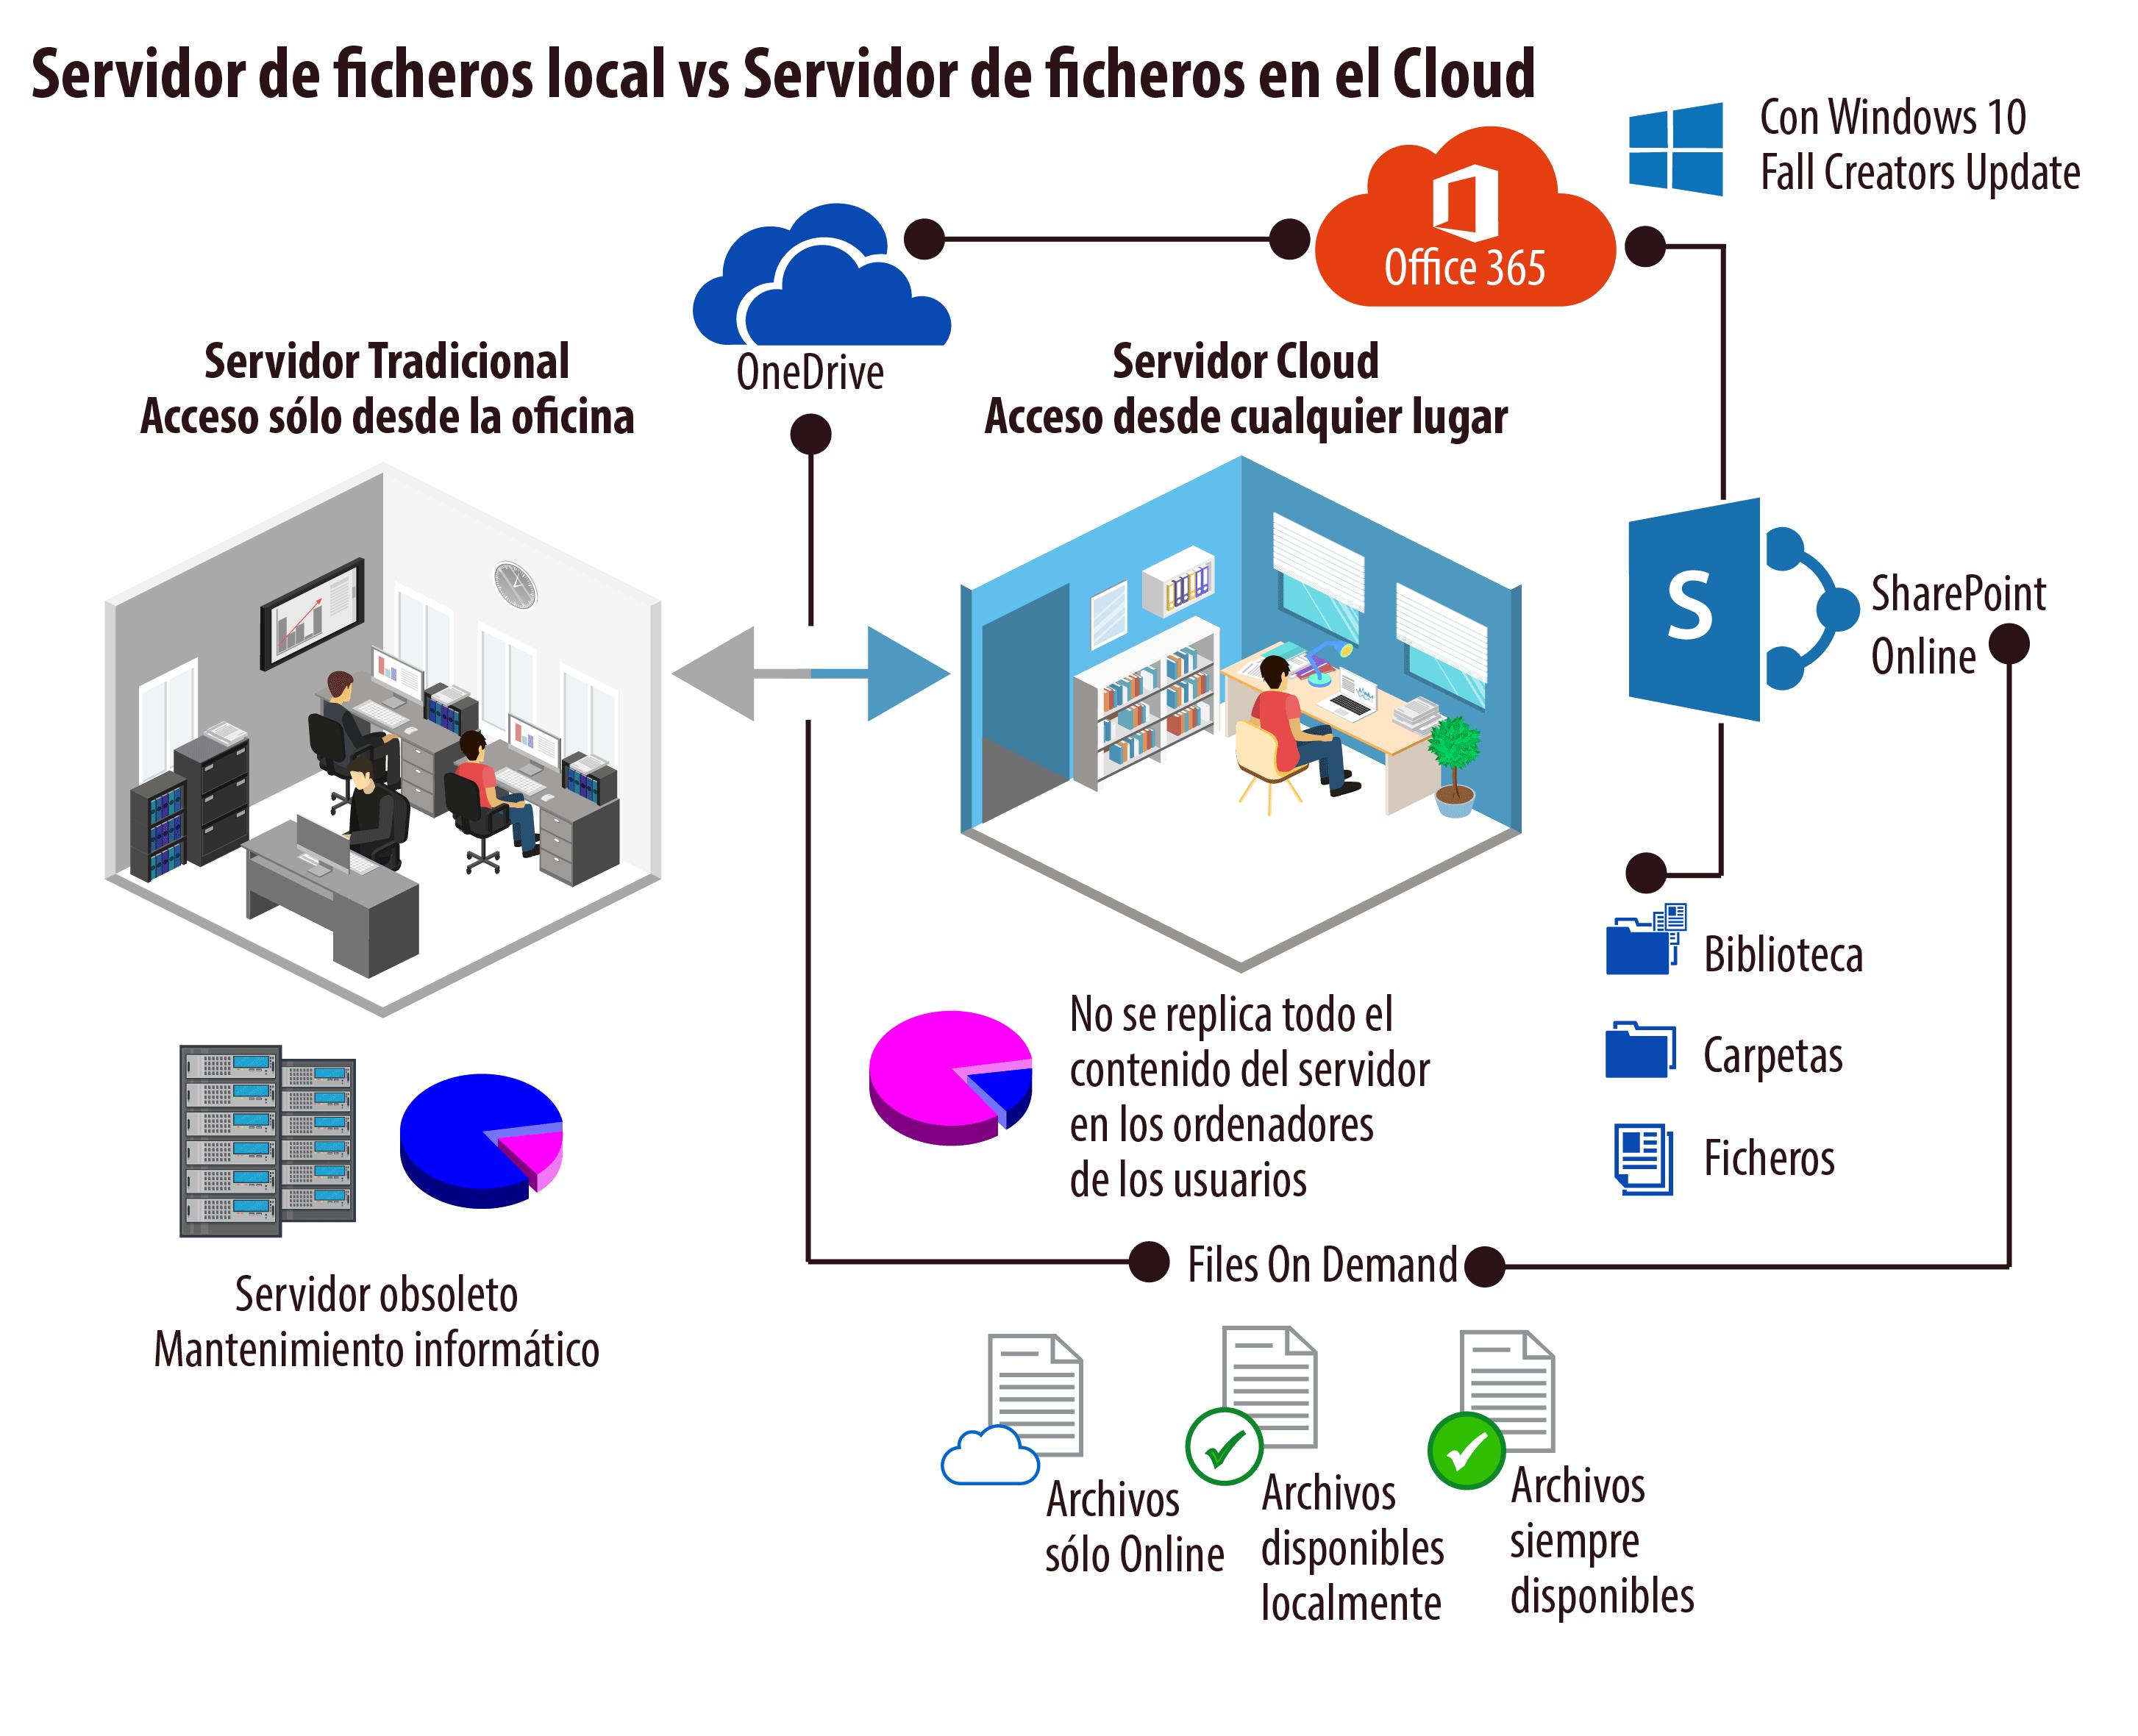 Servidor-de-ficheros-local-vs-Servidor-de-ficheros-en-Cloud